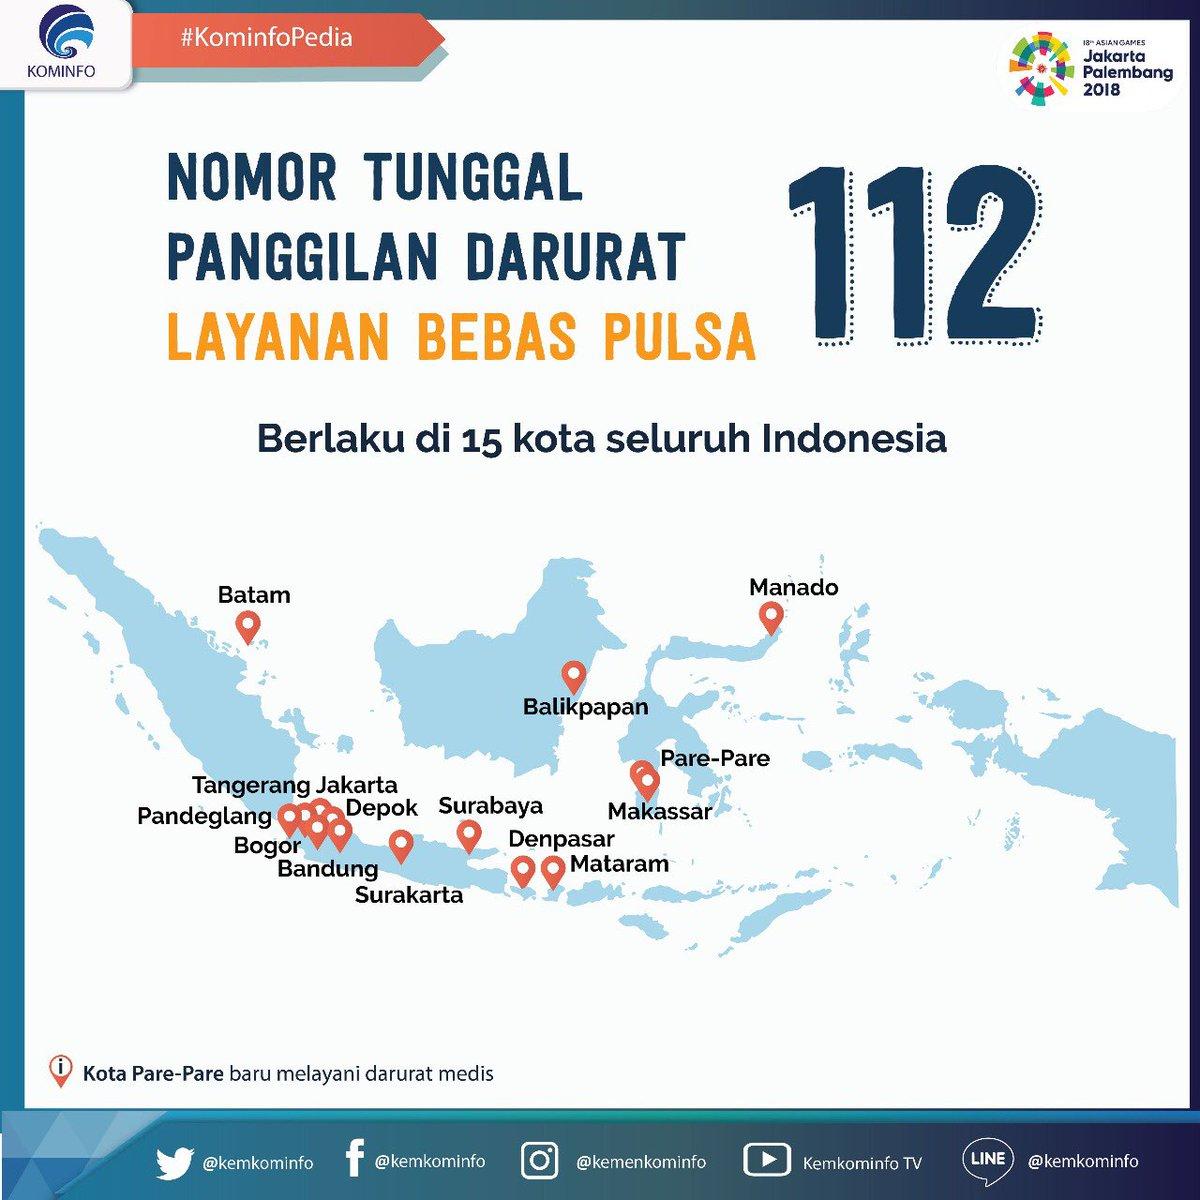 Kementerian Kominfo u05d1u05d8u05d5u05d5u05d9u05d8u05e8 Kota Mana Saja Yg Sudah Bisa Mengakses Nomor Tunggal Panggilan Darurat 112 Ntpd112 Sekarang Sudah Dapat Diakses Di 15 Kota Seluruh Indonesia Loh Layanan Ini Gratis Tapi